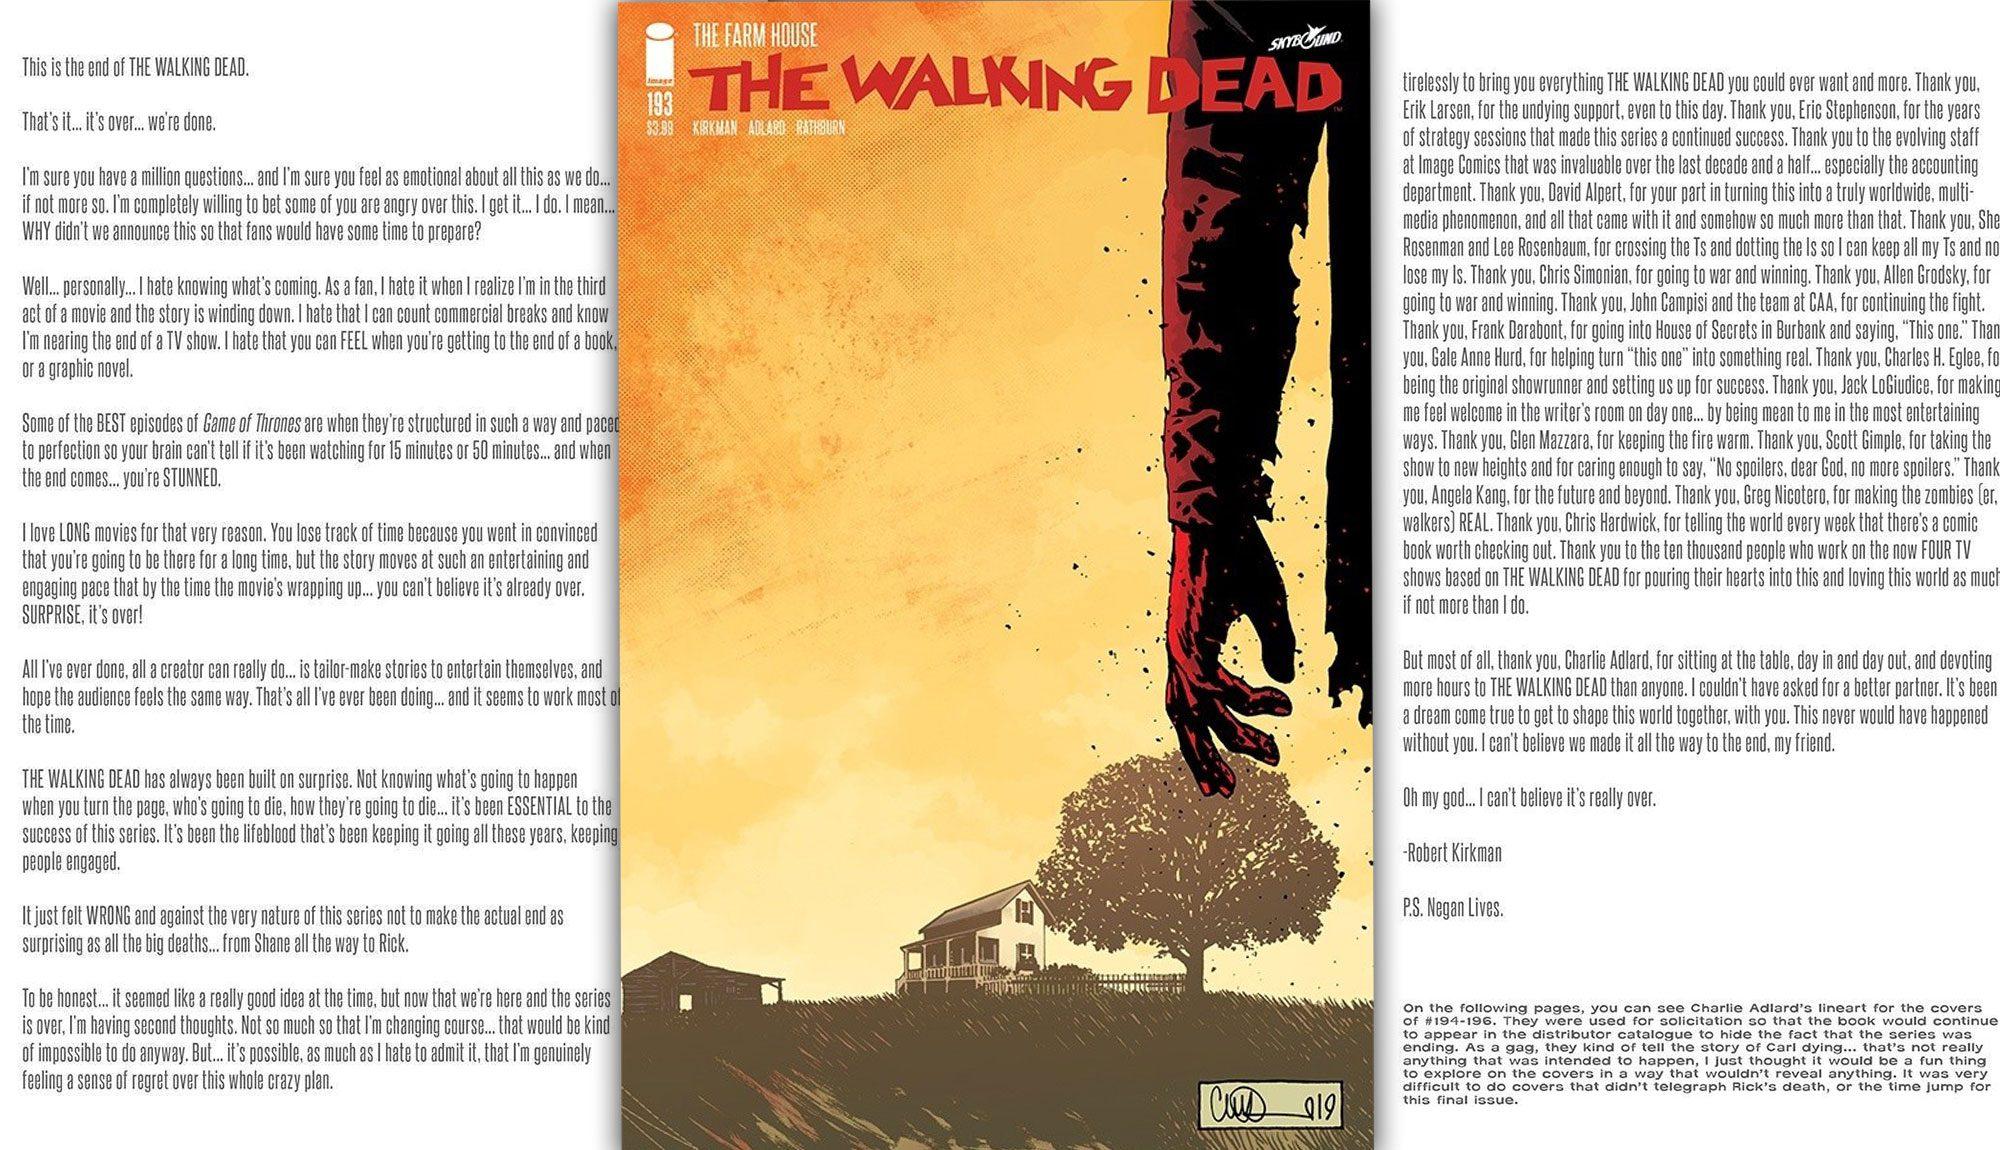 Read Robert Kirkman's Letter To Fans From The Walking Dead